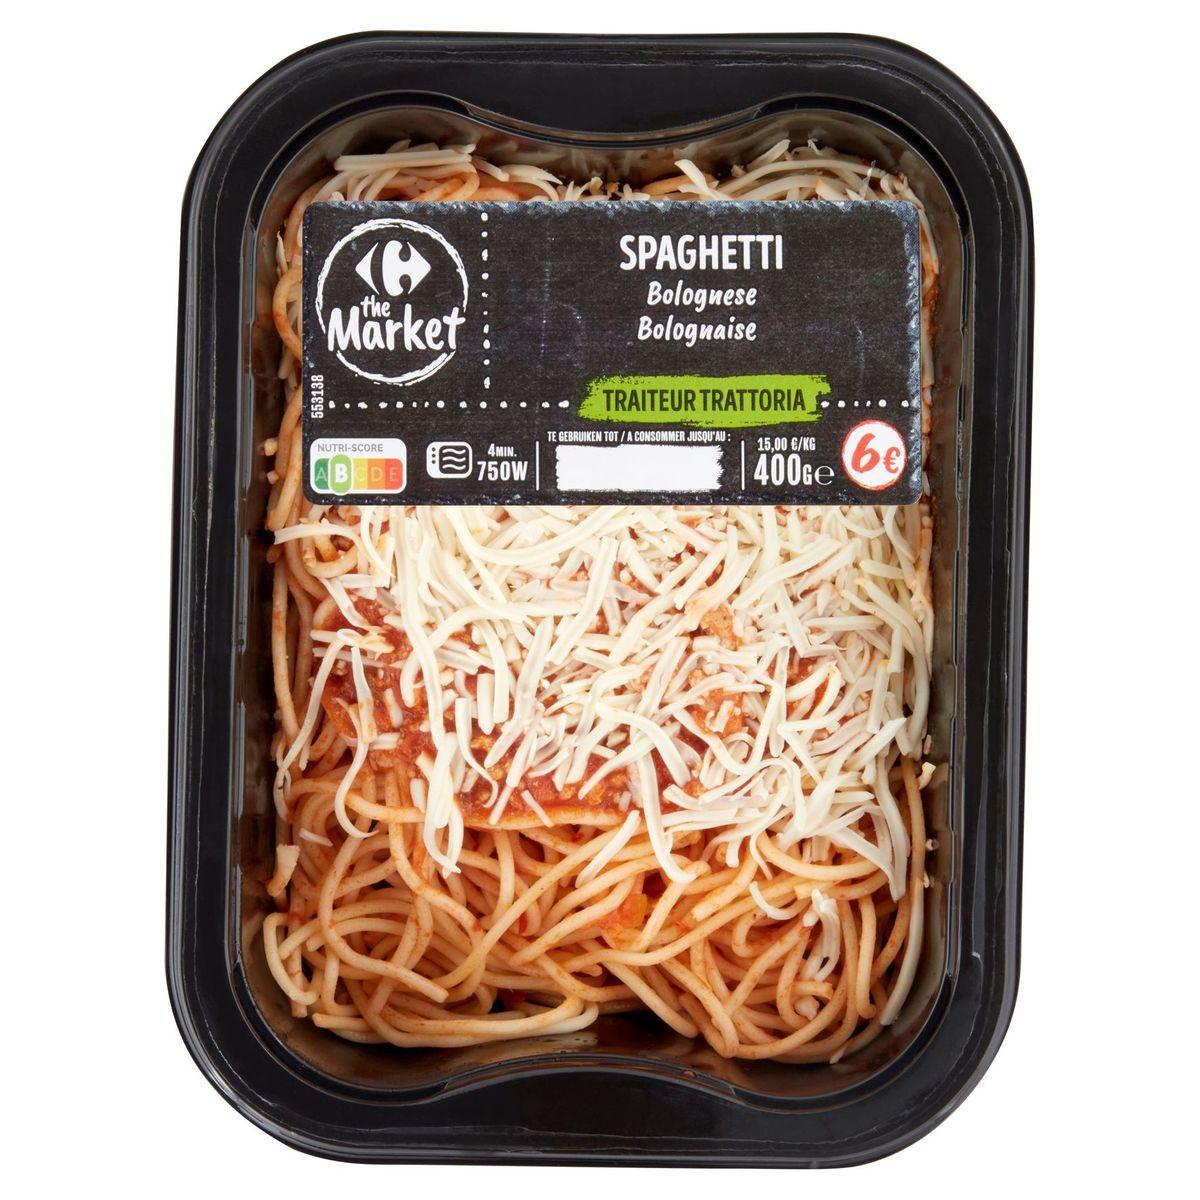 Carrefour Traiteur Trattoria Spaghetti Bolognaise 400 g